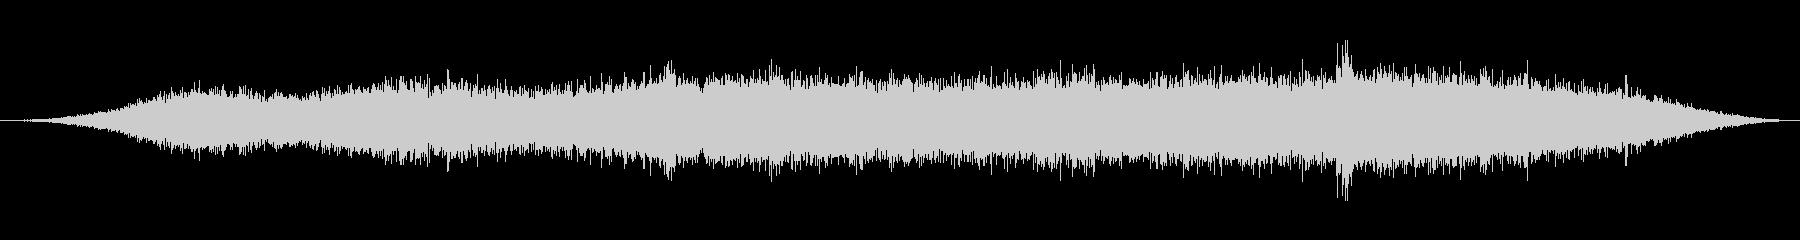 駅0-50のメトロエスカレーターの未再生の波形